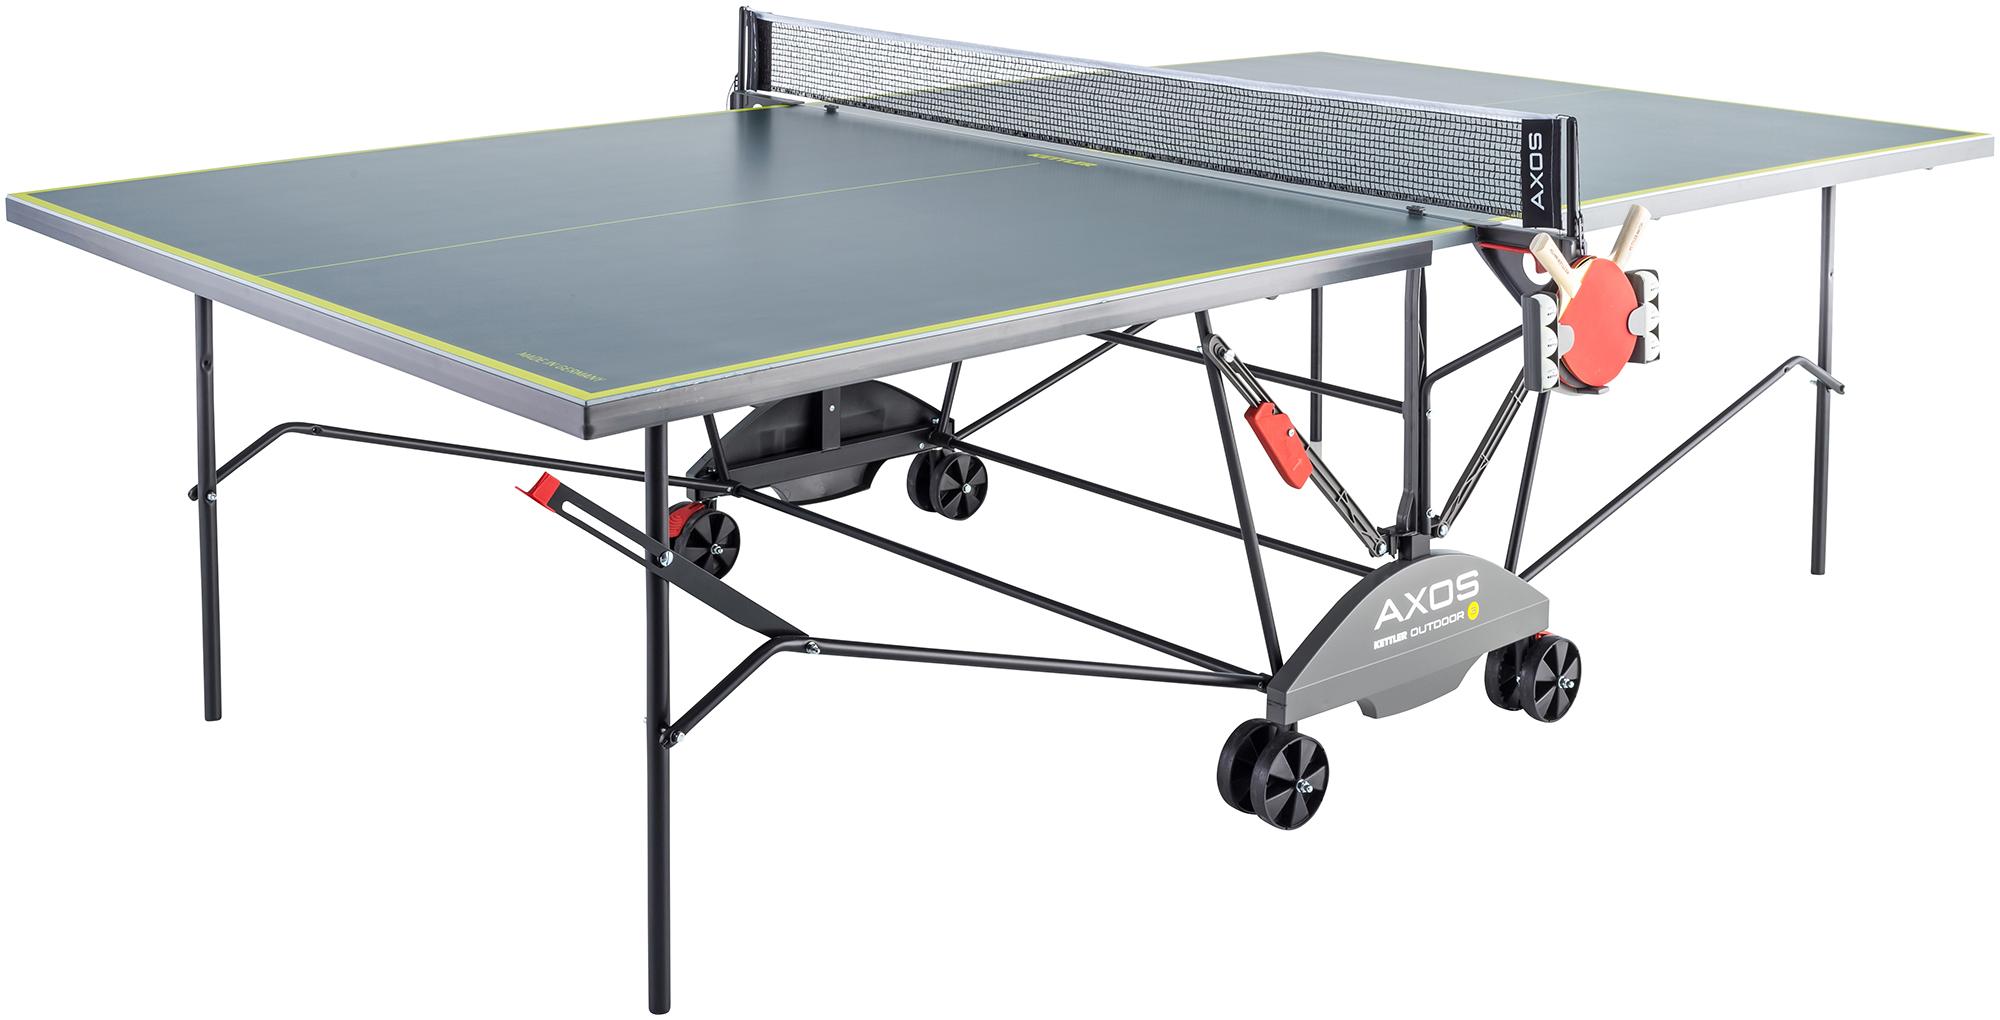 Kettler Теннисный стол всепогодный Kettler Axos Outdoor 3